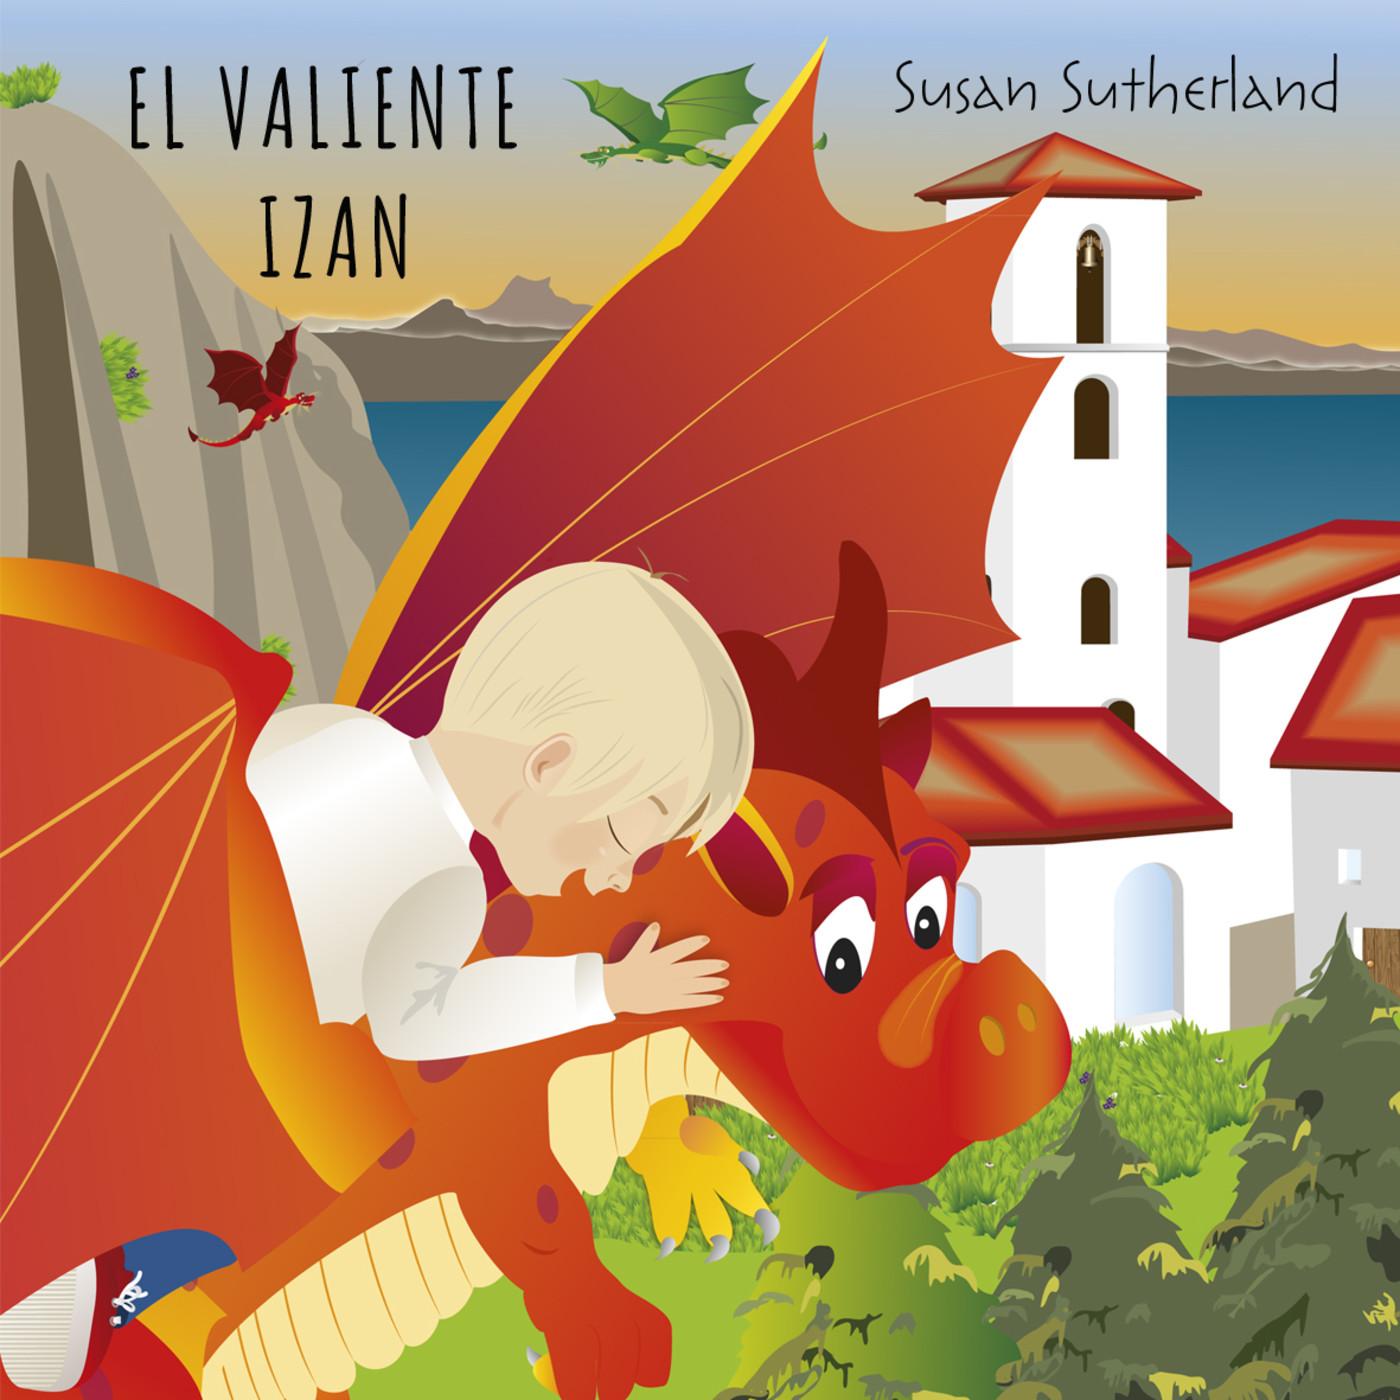 El Valeroso Izan. Susan Sutherland